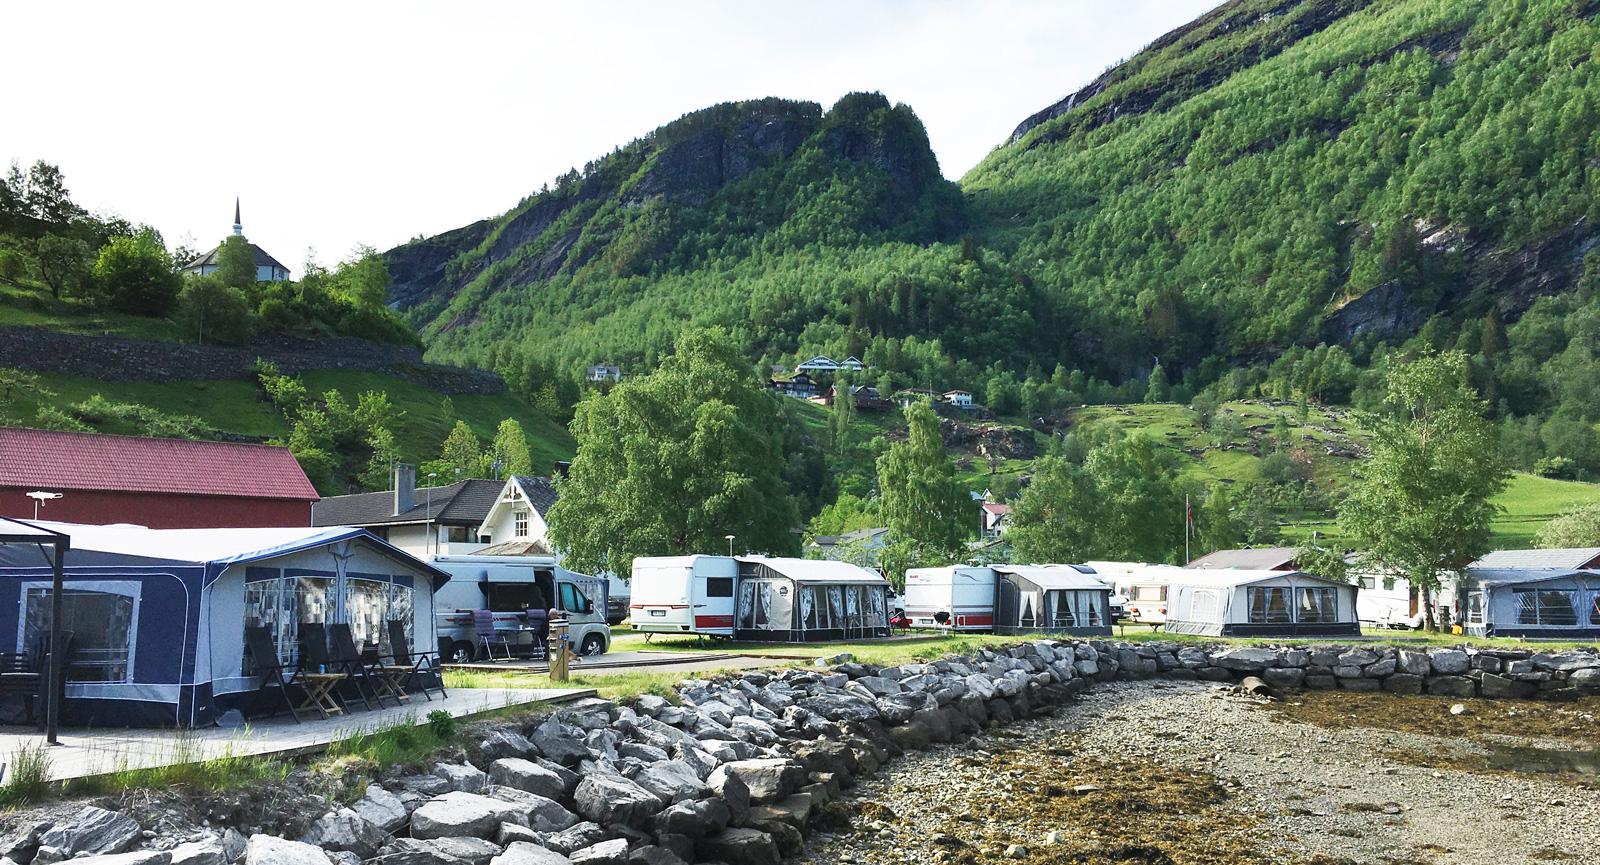 Campingen vid stranden i Geiranger är såklart superpopulär och otaliga är de bilder som använts i reklam och tryck för fritidsfordon. Här väljs dock en lite annorlunda vinkel med utsikt åt motsatt håll.